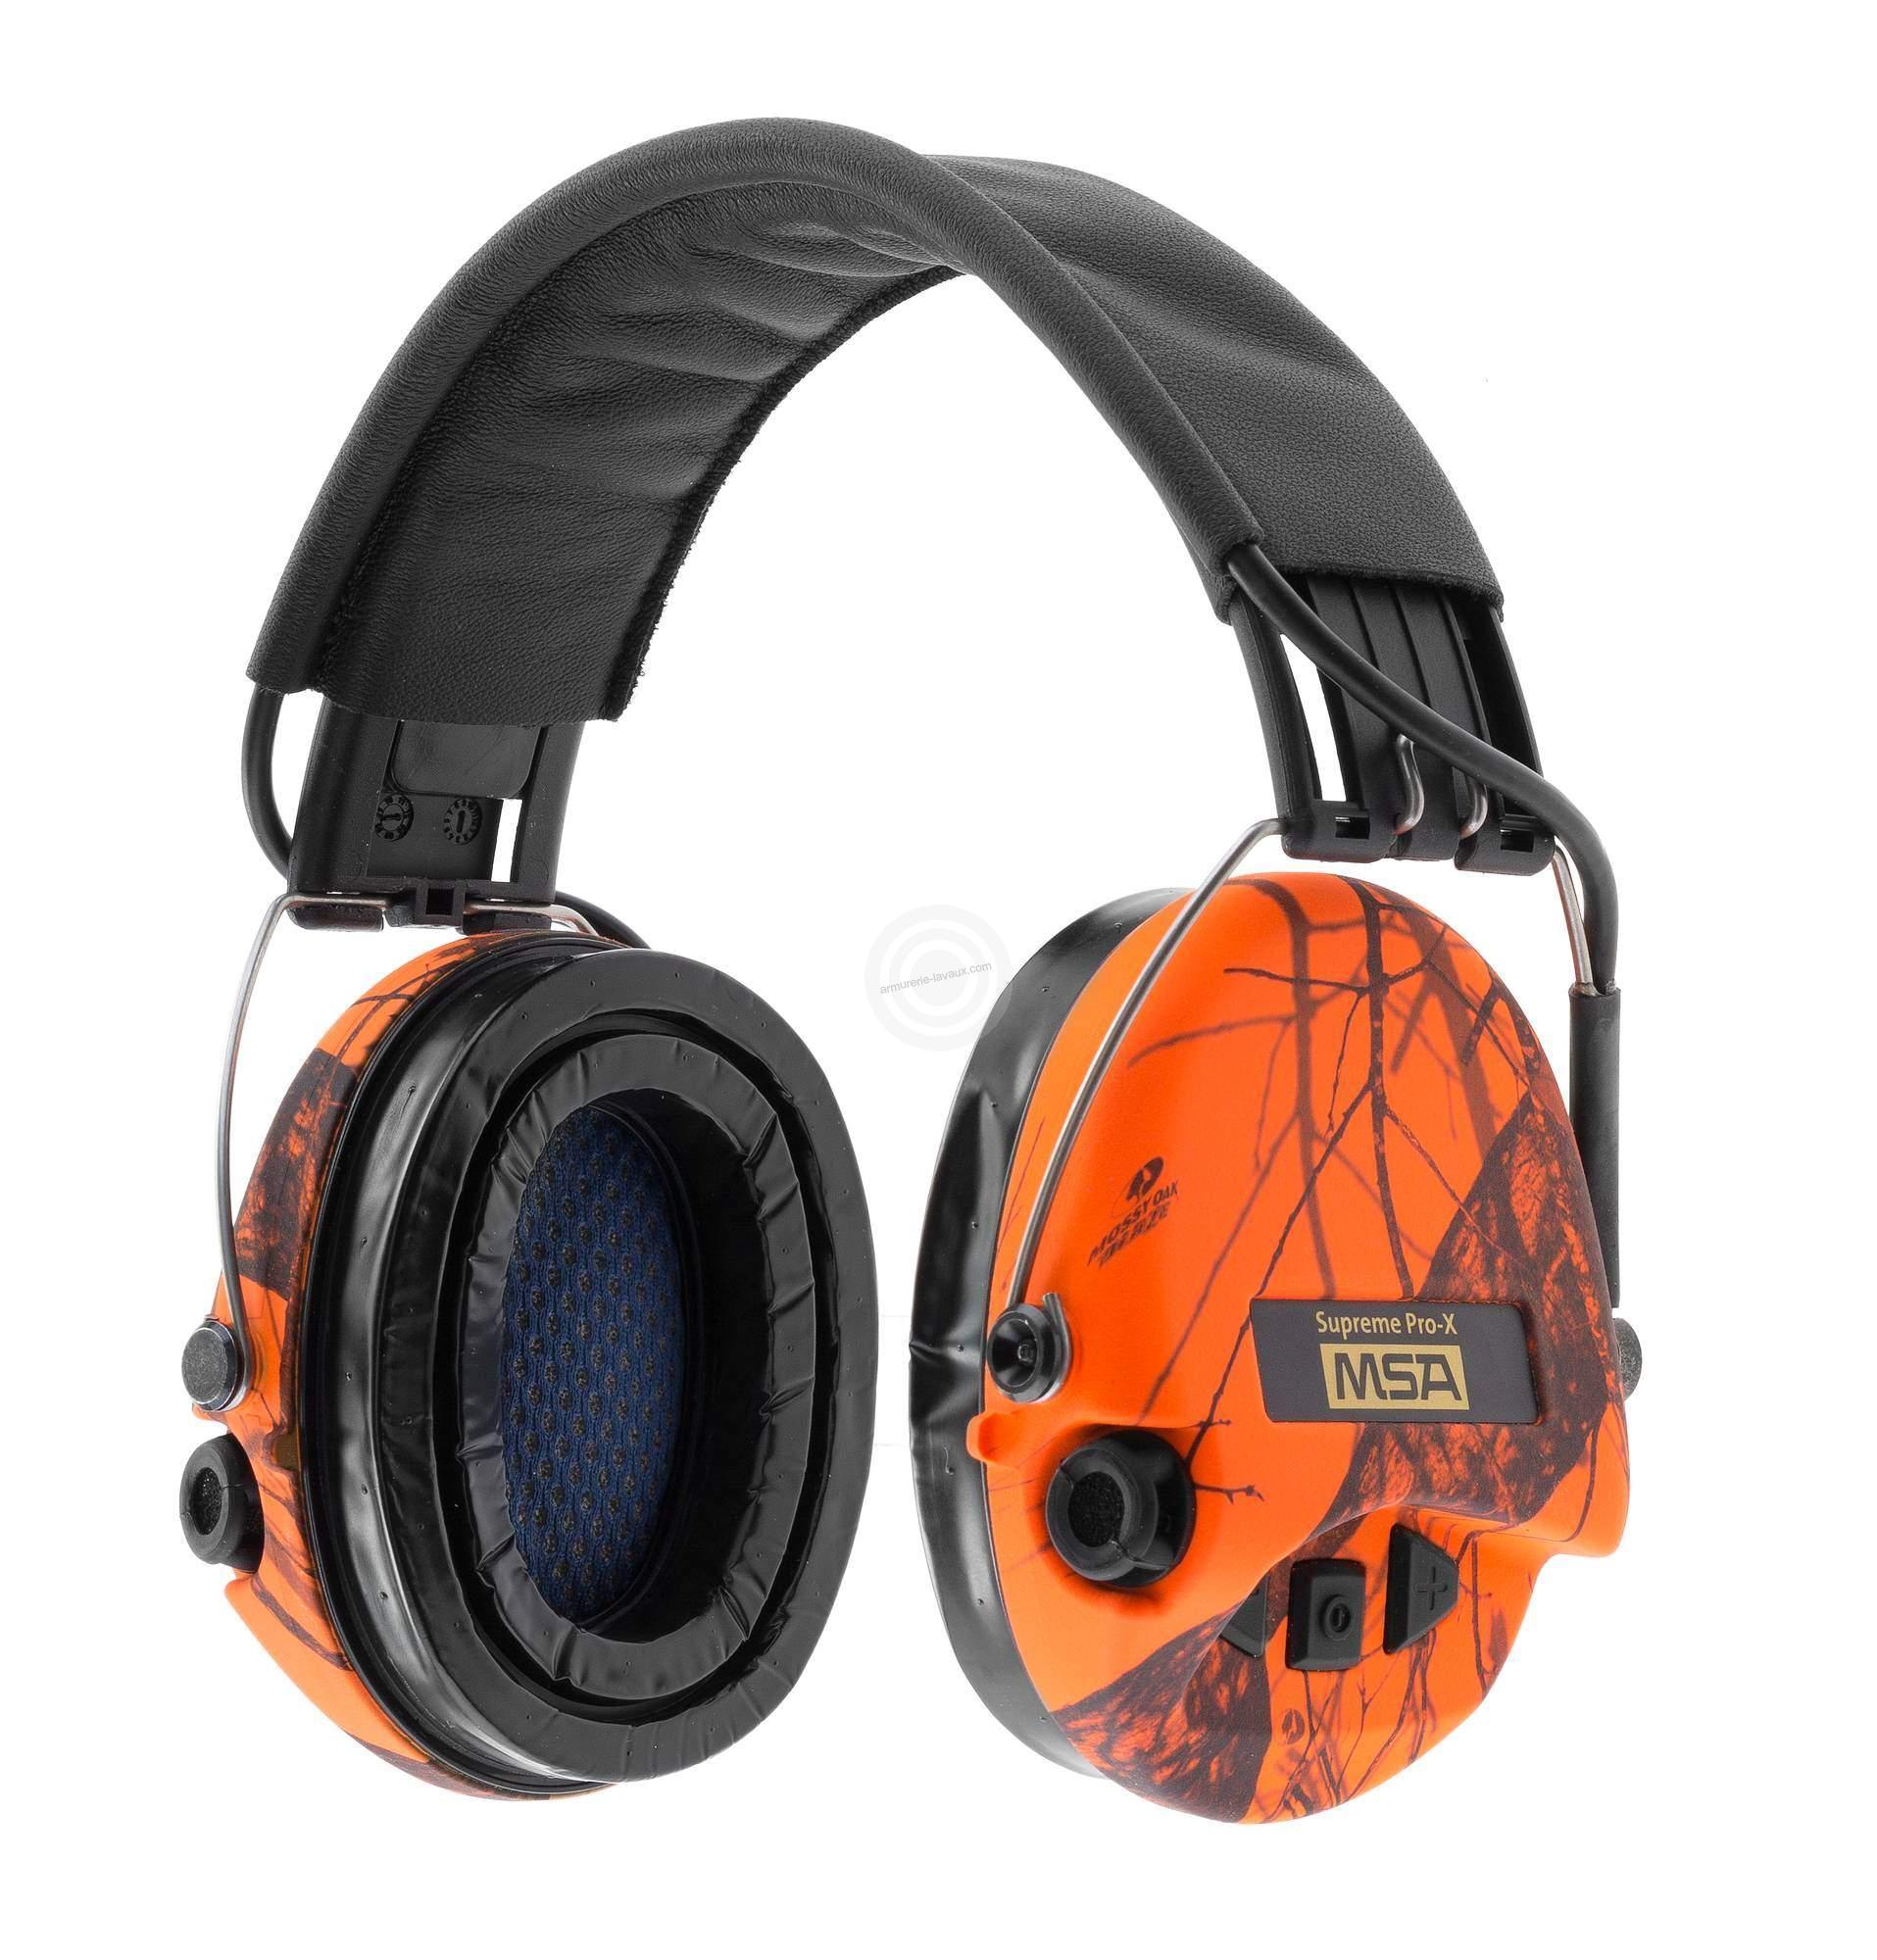 Casque électronique MSA Suprême Pro-X Orange